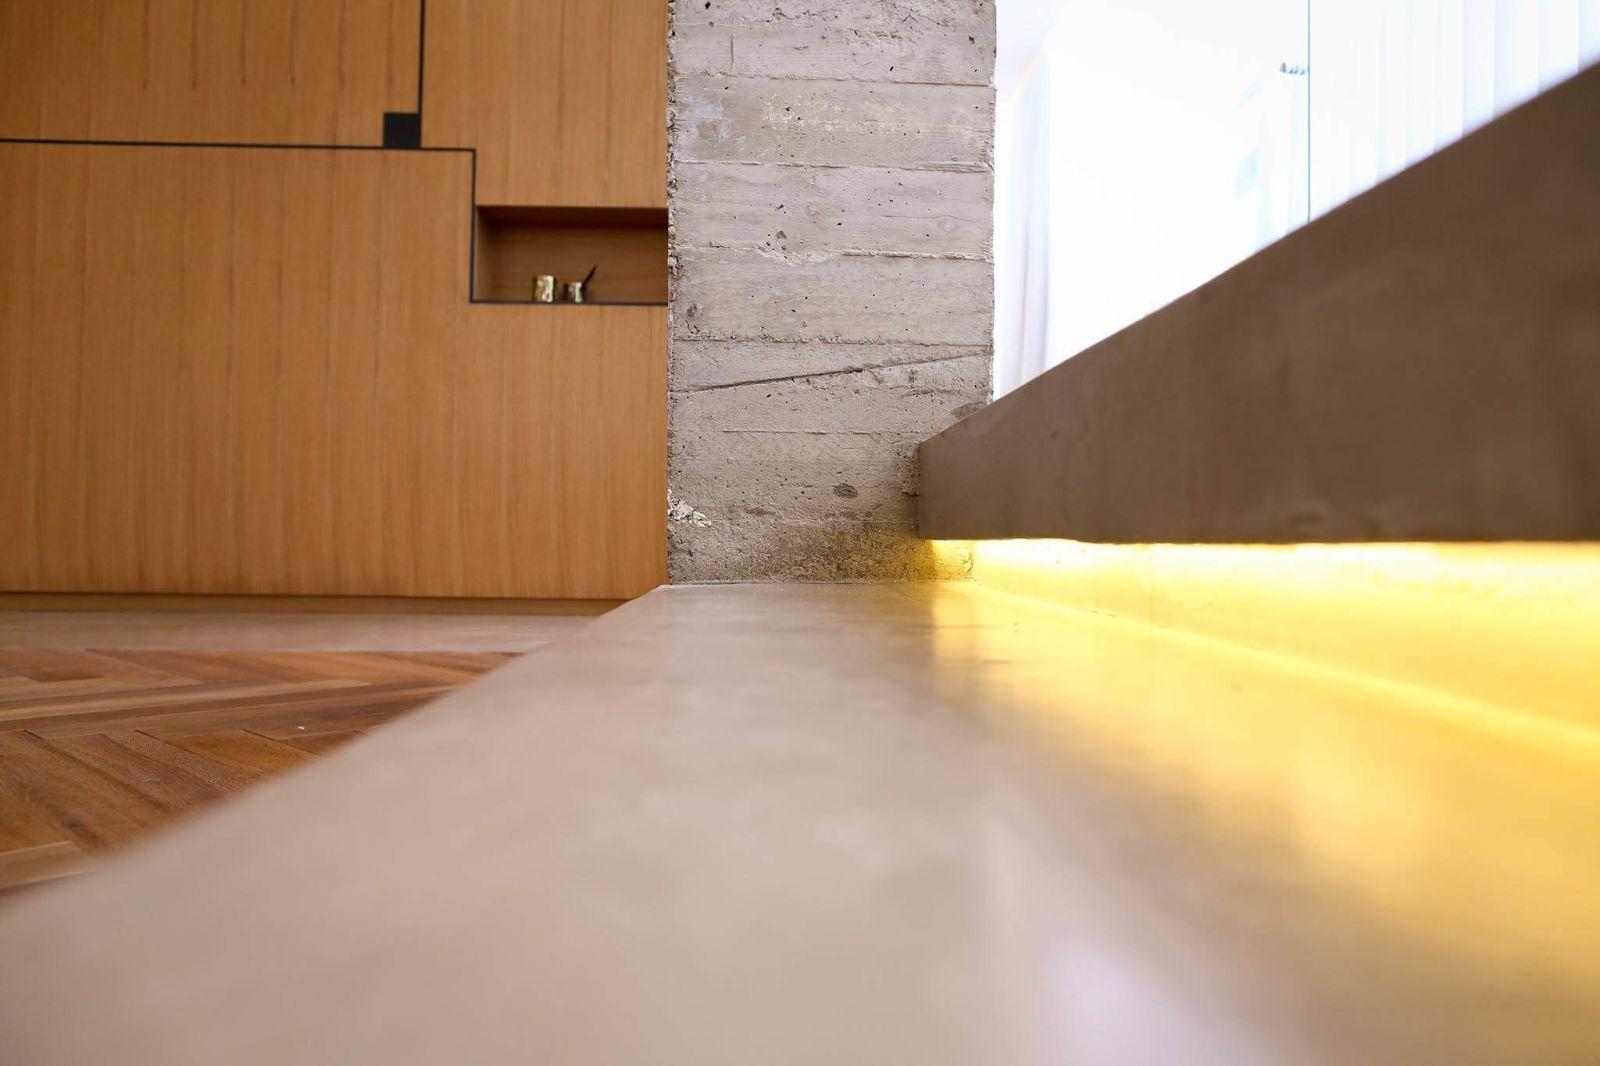 Подобный эффект дублируется в освещении на кухне, дополнительно объединяяэти две зоны гостиной.